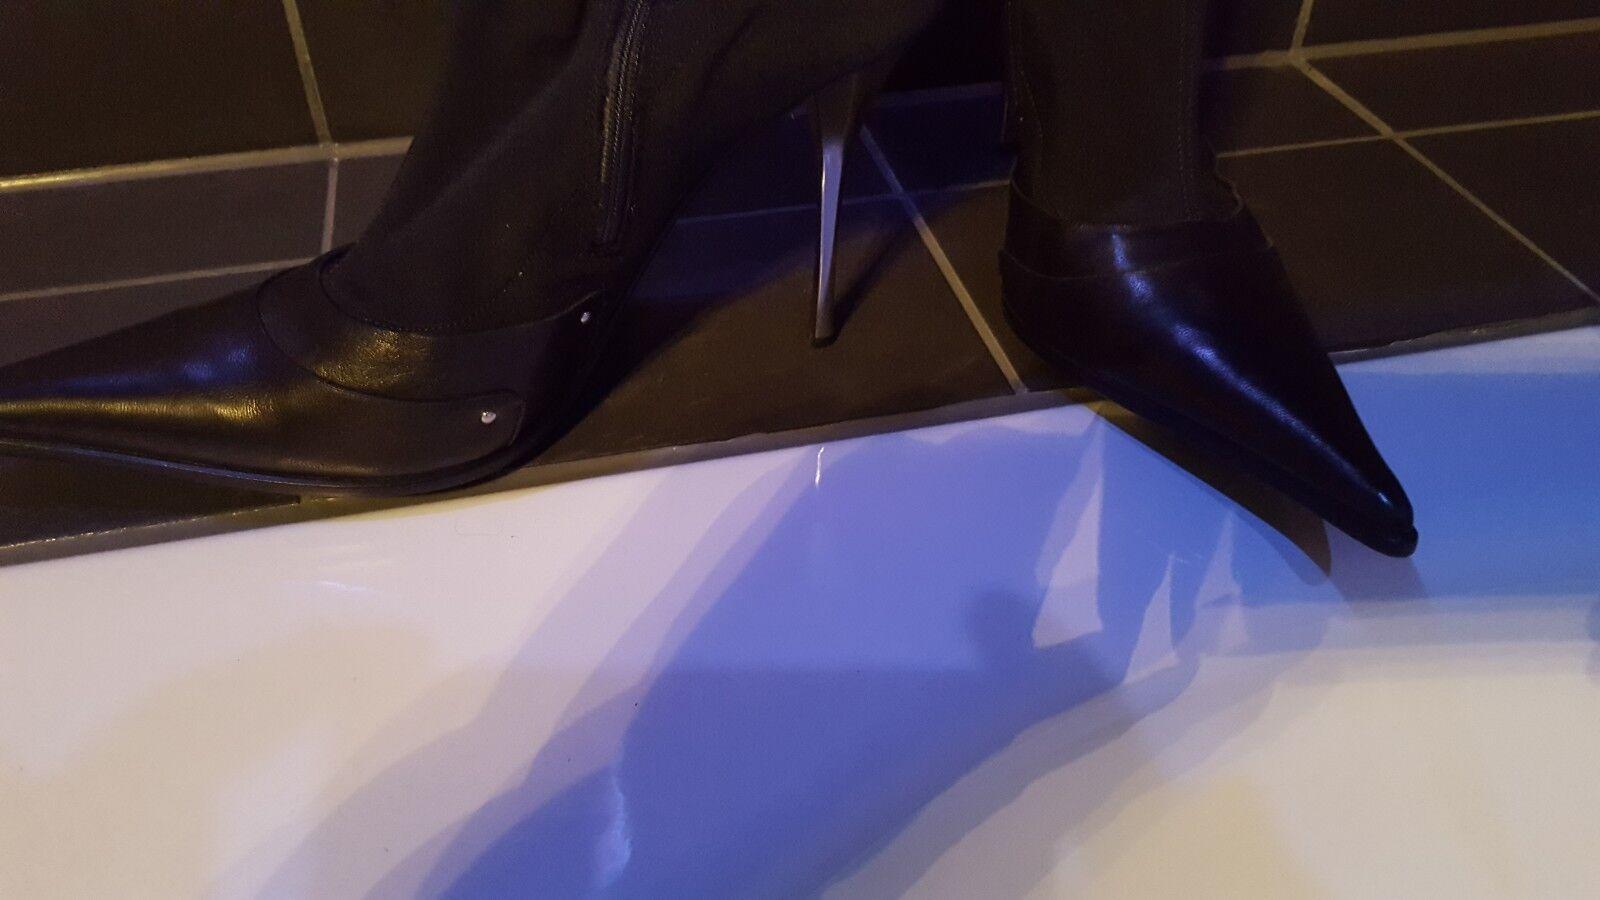 Overknee Stiefel Gianmarco Lorenzi Echt Leder Neuwertig Gr. 39 39 39 20378e